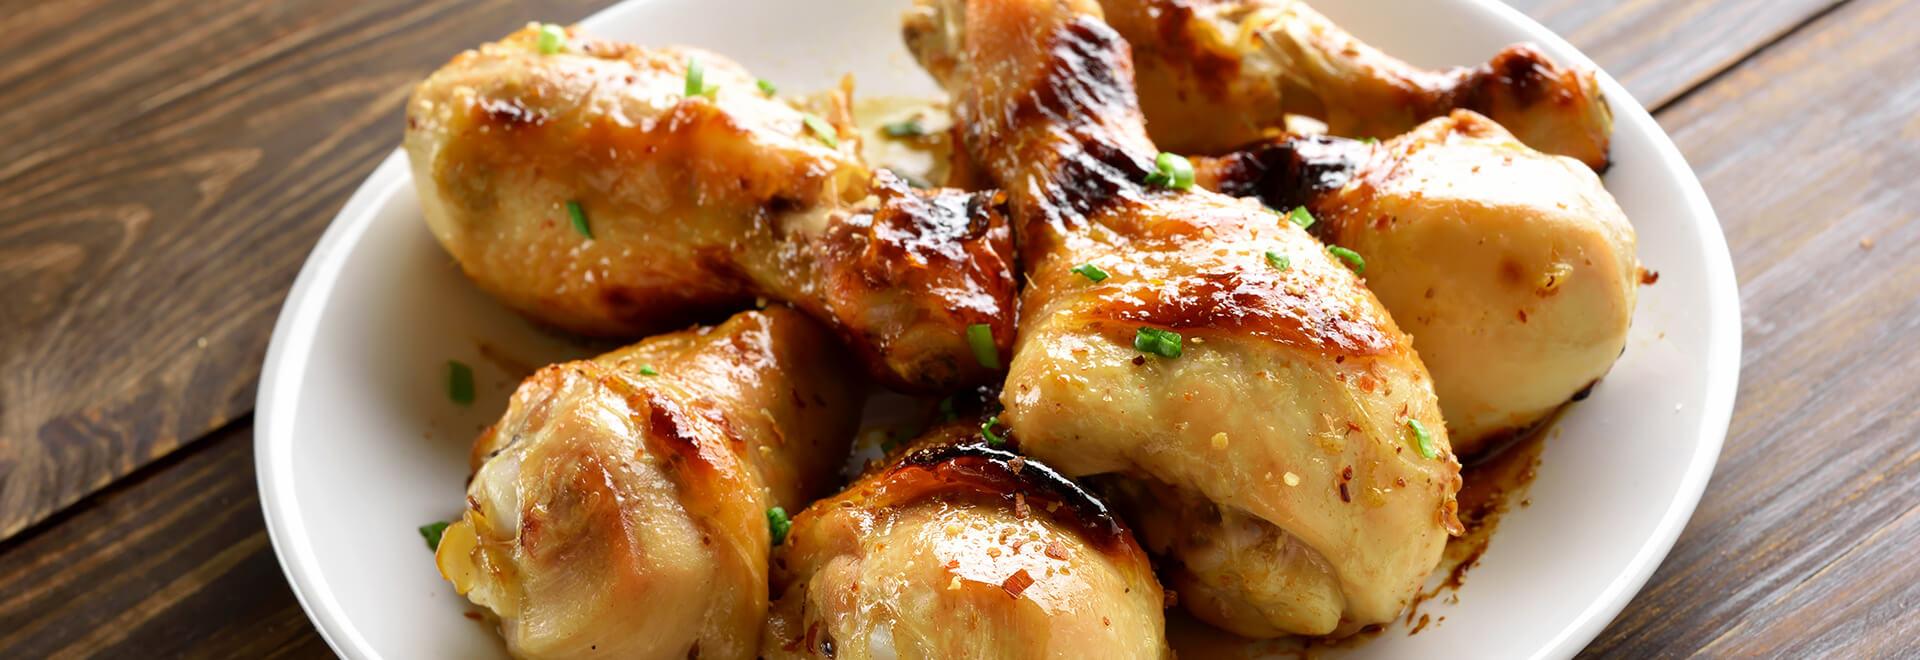 Pernas de frango no forno com mostarda e cerveja